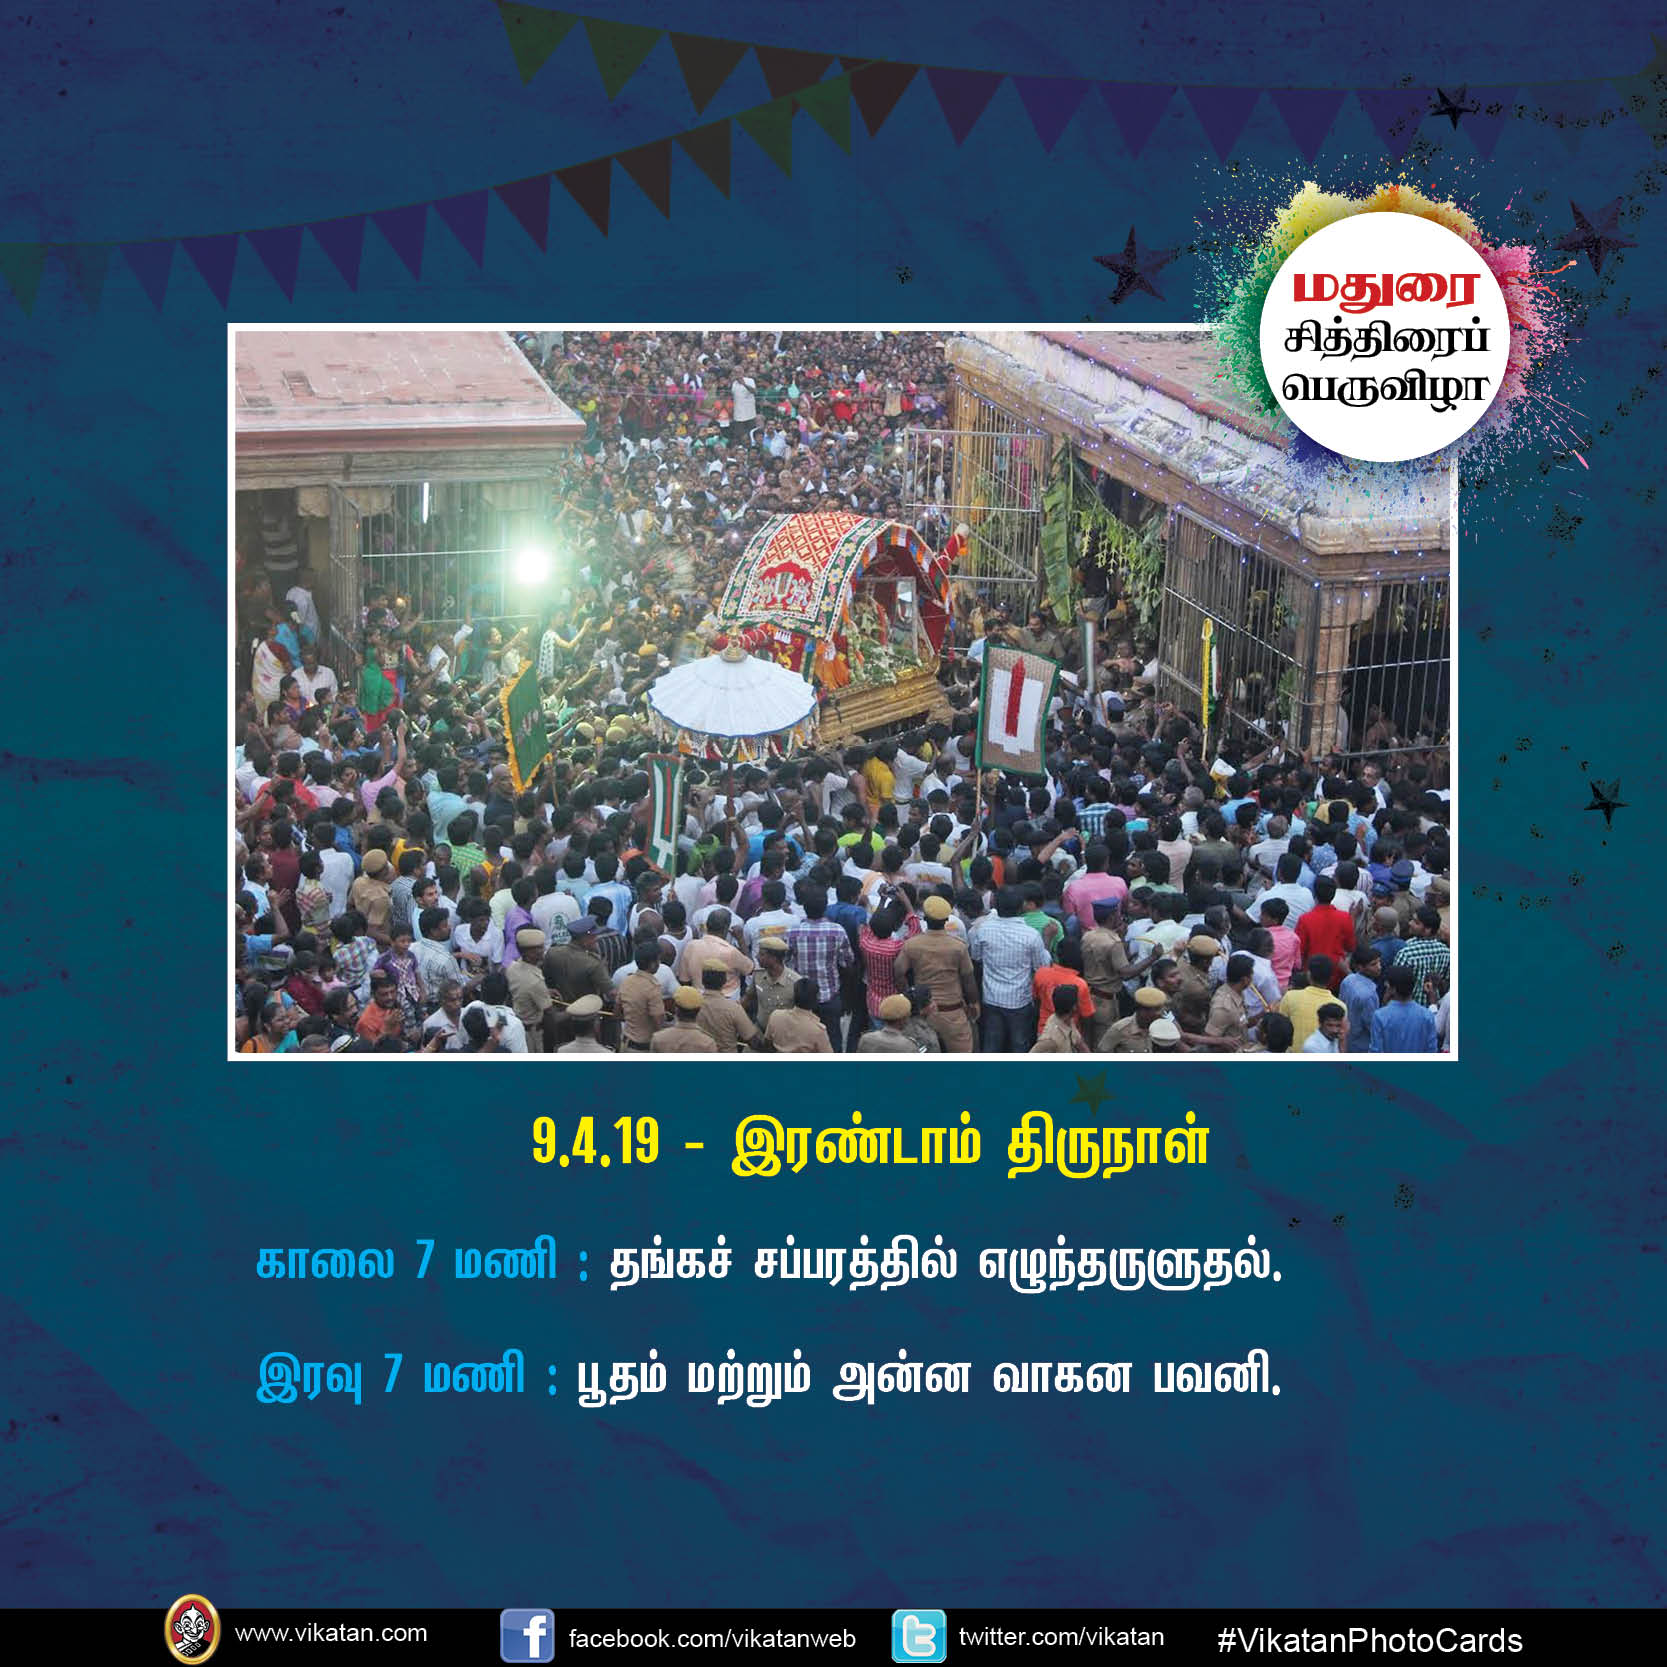 கொடியேற்றம் முதல் தேரோட்டம் வரை... மதுரை சித்திரைப் பெருவிழா நிகழ்வுகள் #VikatanPhotocards